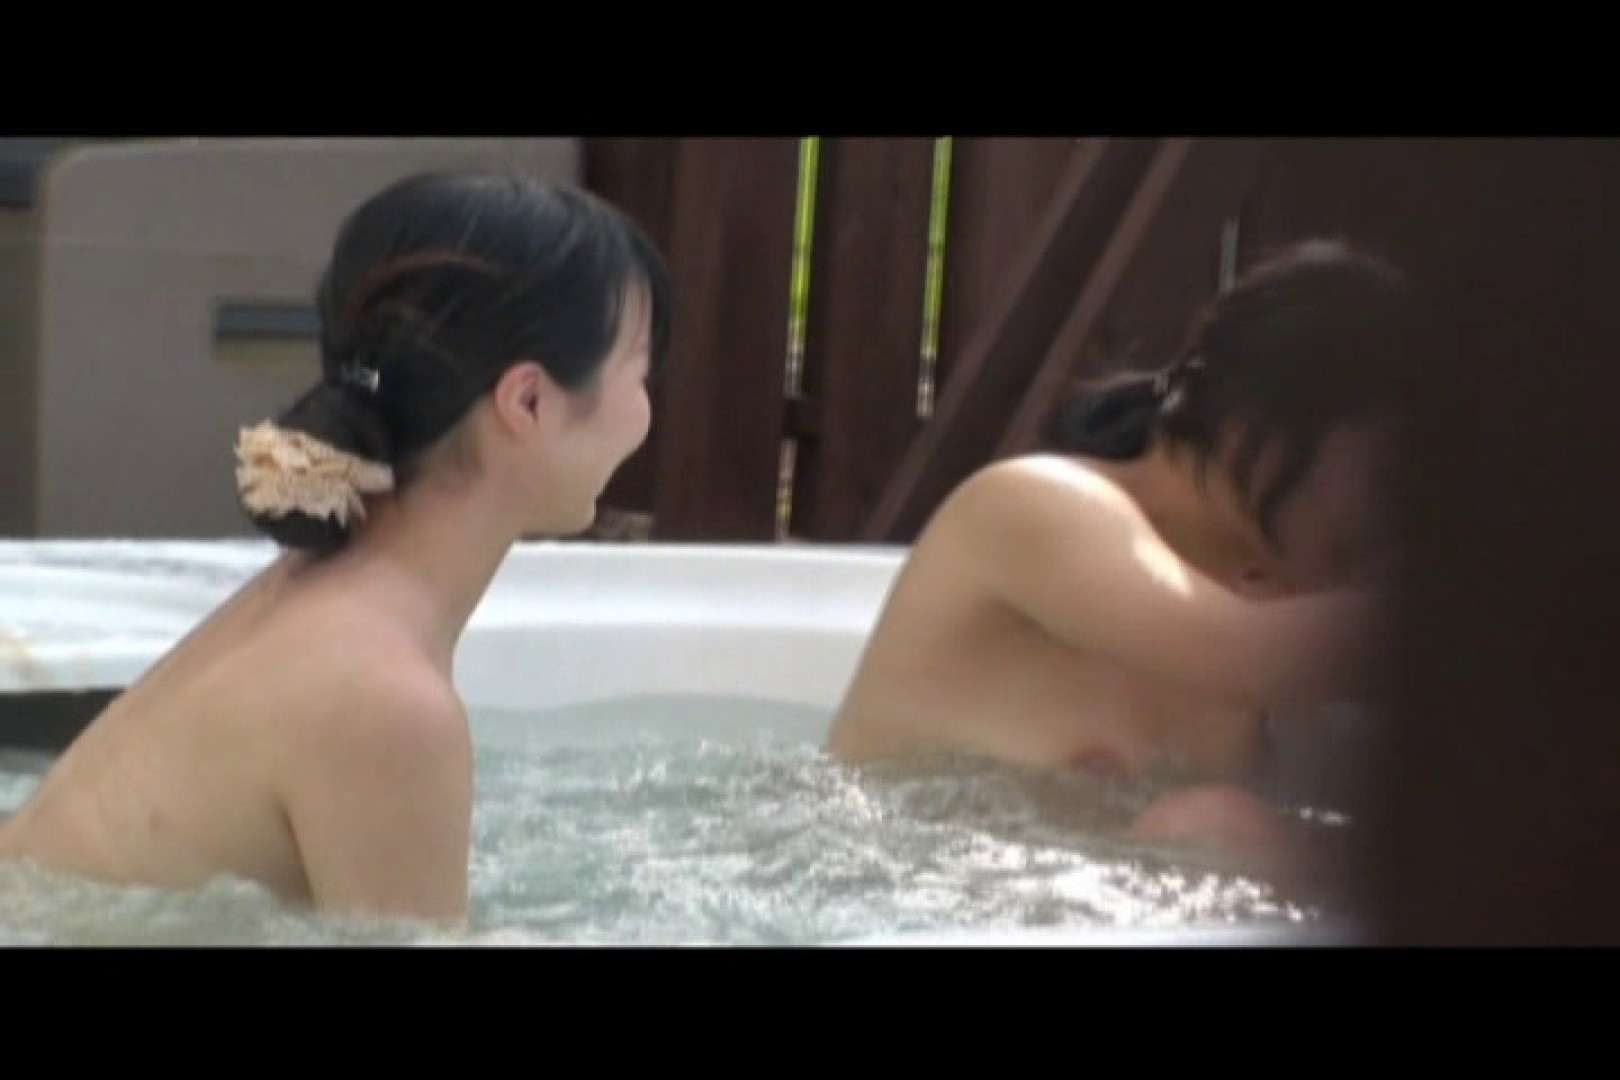 貸切露天 発情カップル! vol.07 カップルDEイチャイチャ | 露天投稿作品  92連発 7